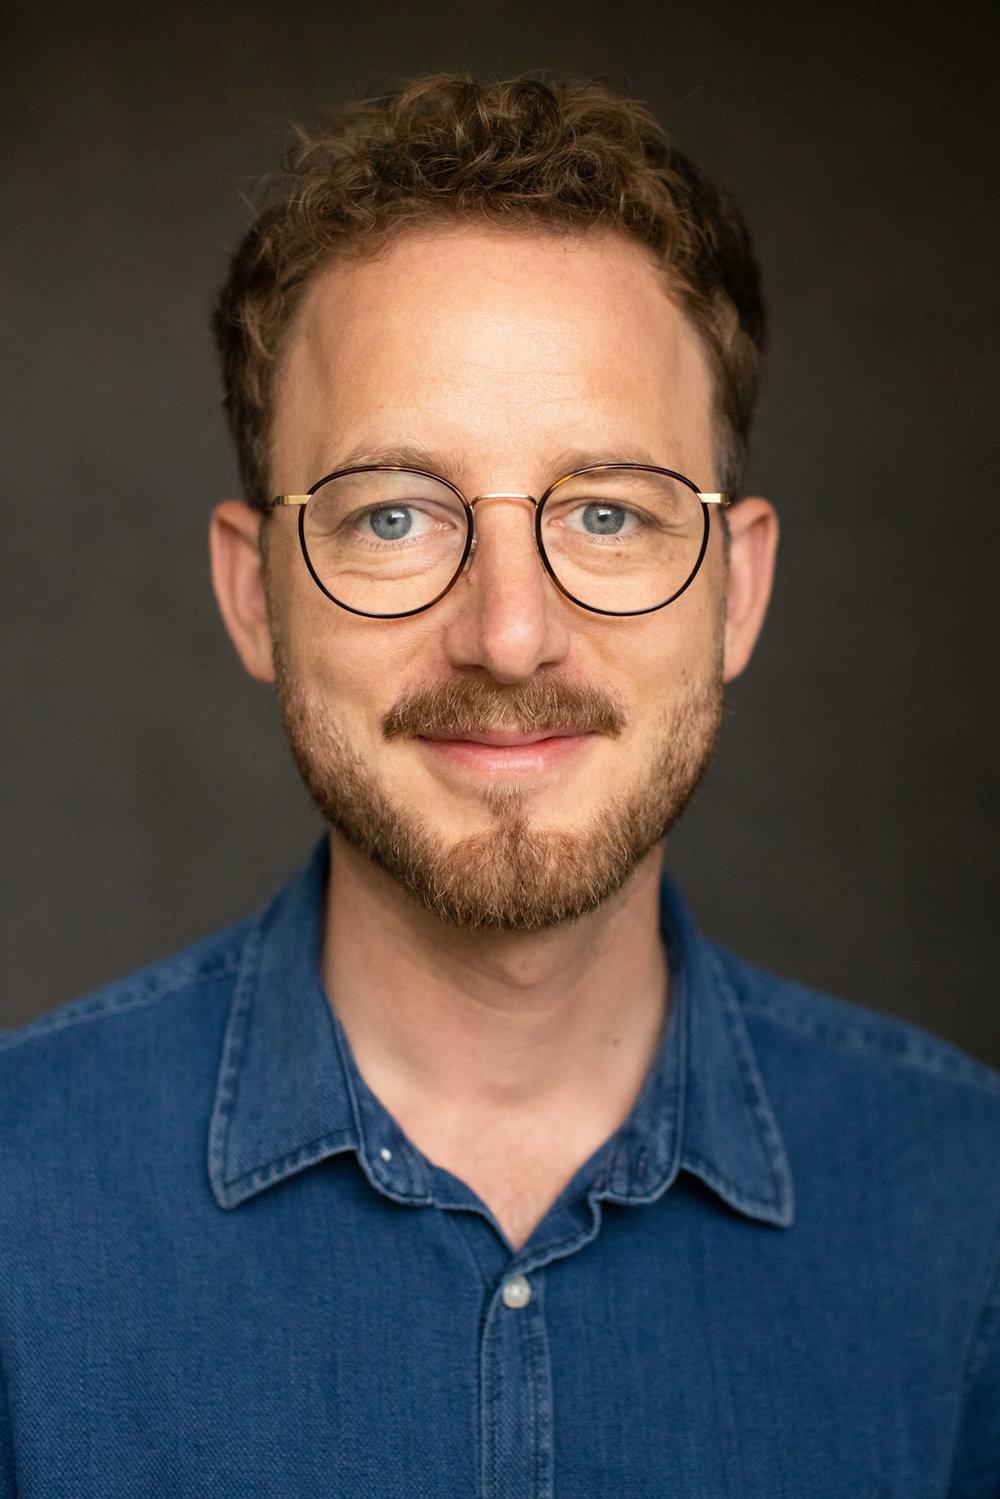 Businessportrait eines Mannes in Berlin - Portrait - Fotostudio - Ralf Hiemisch